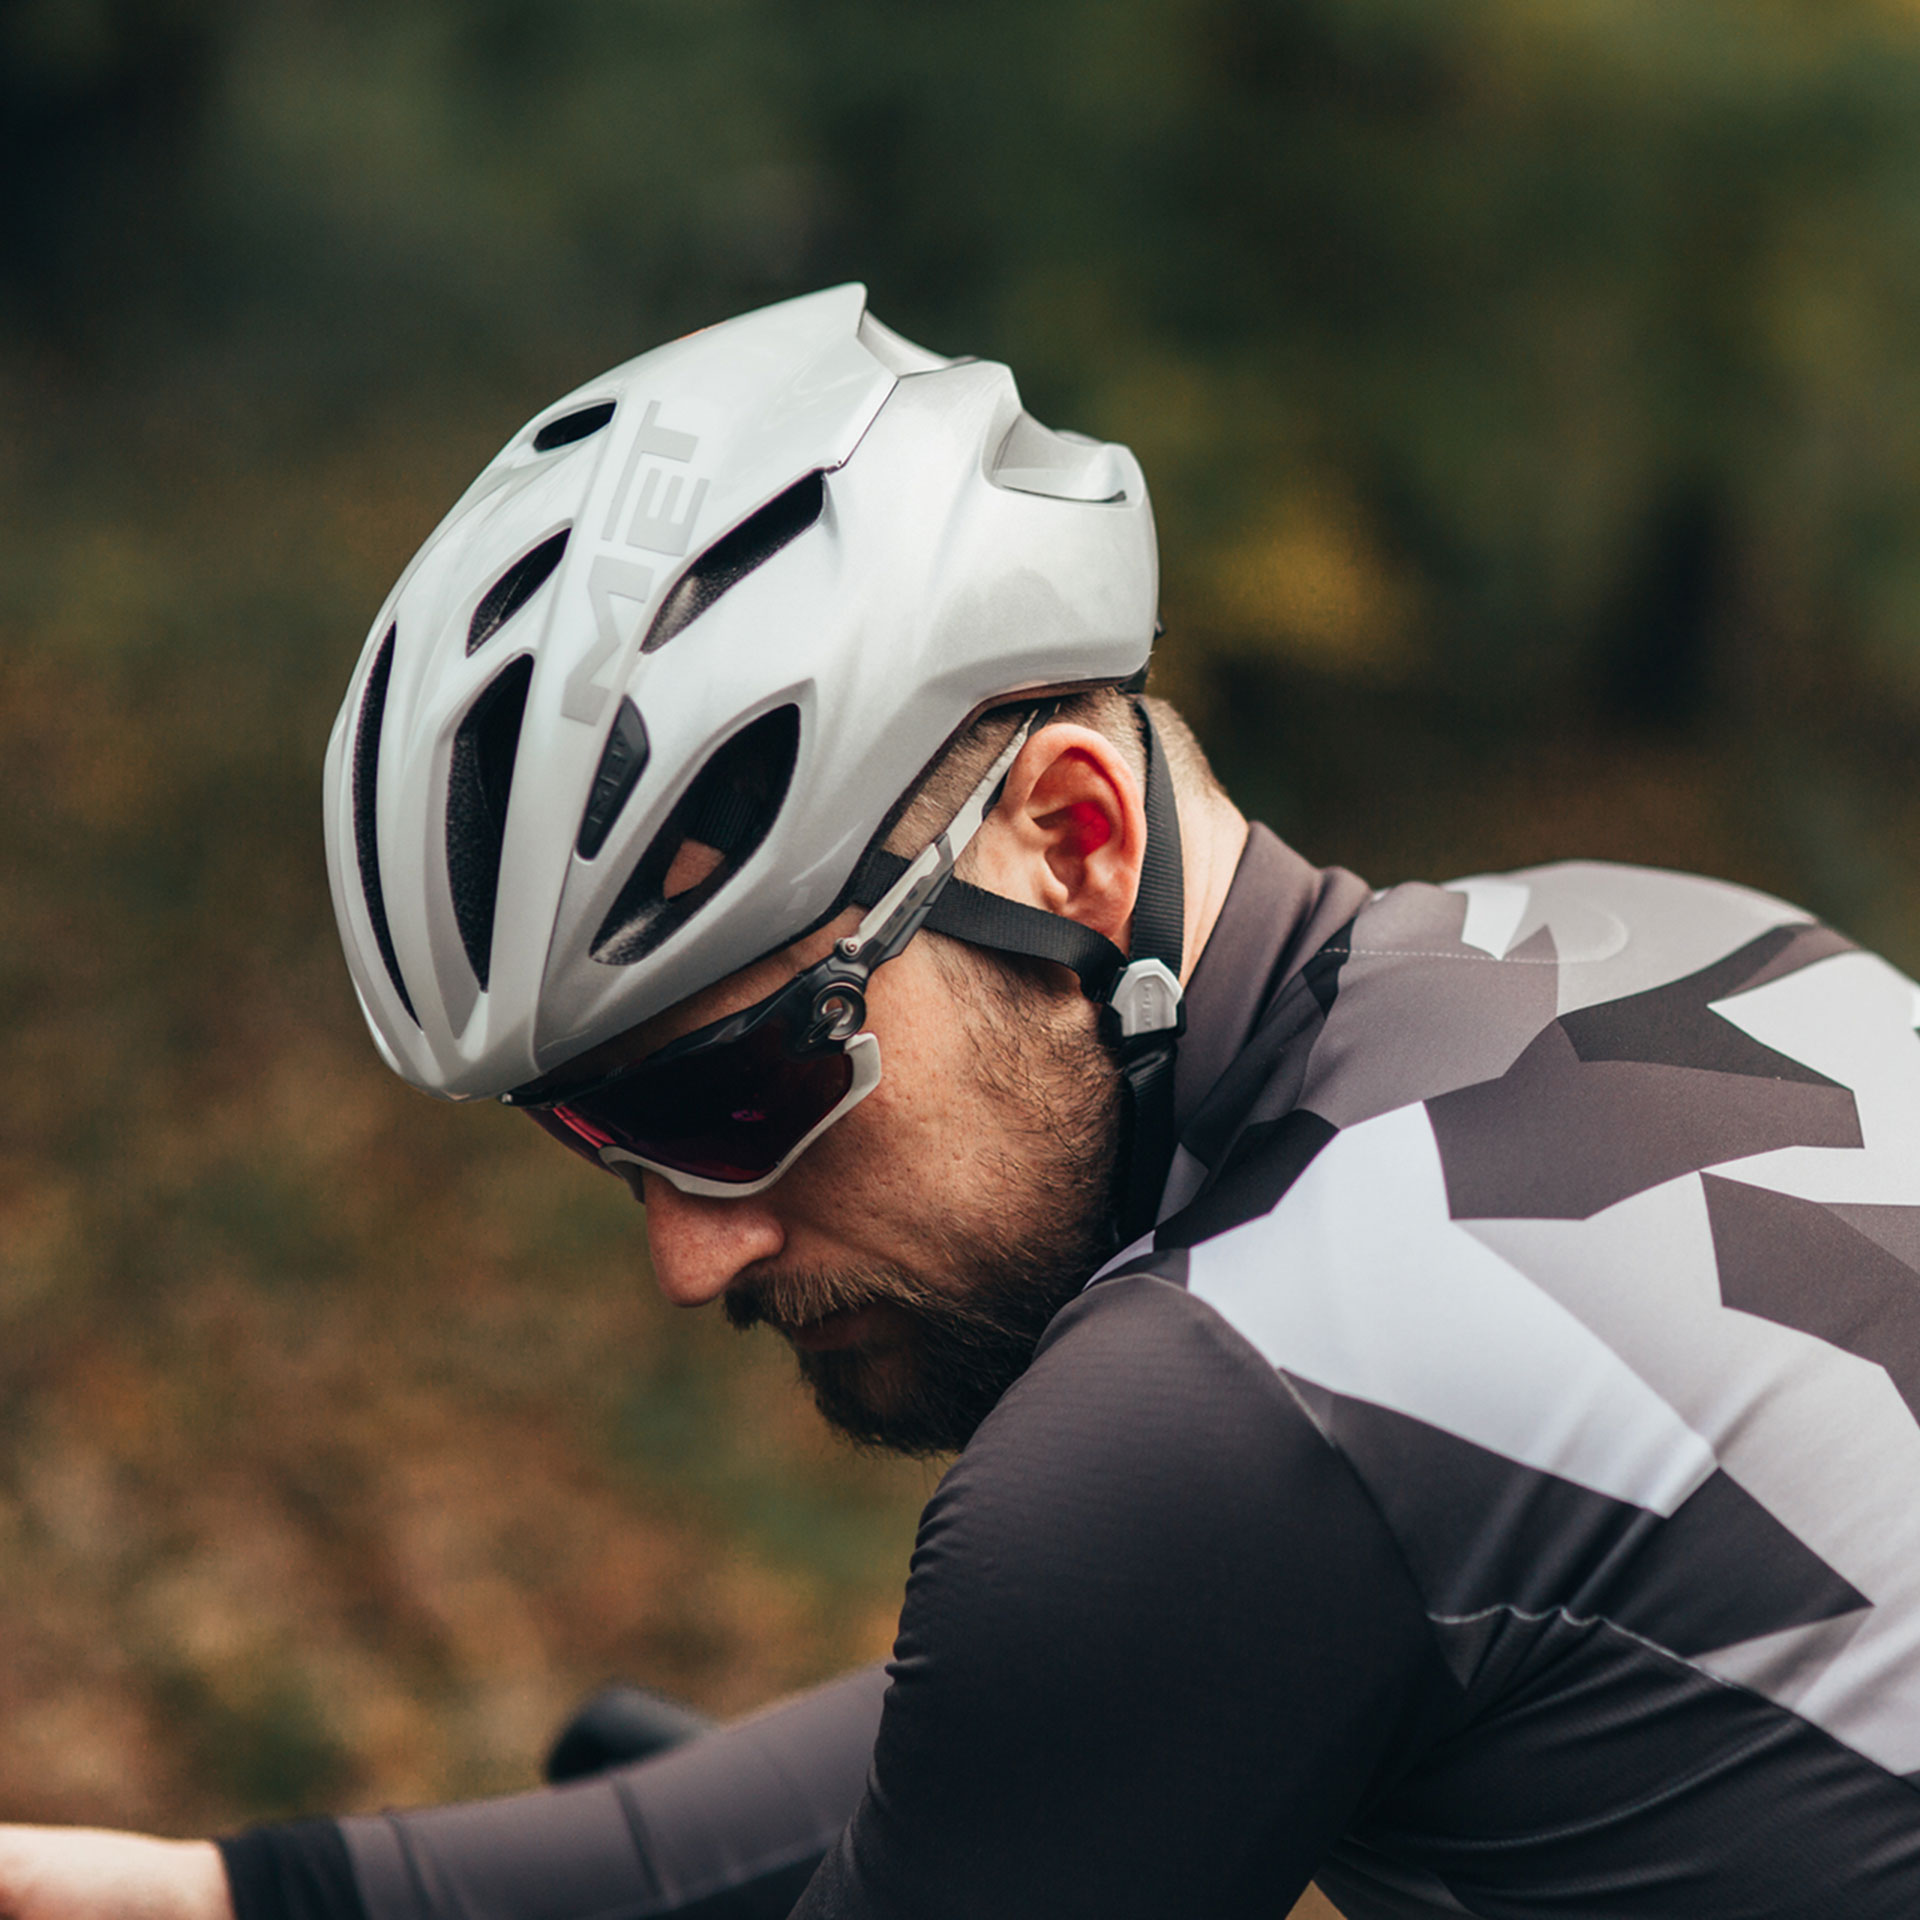 Met Rivale Helmet Lifestyle